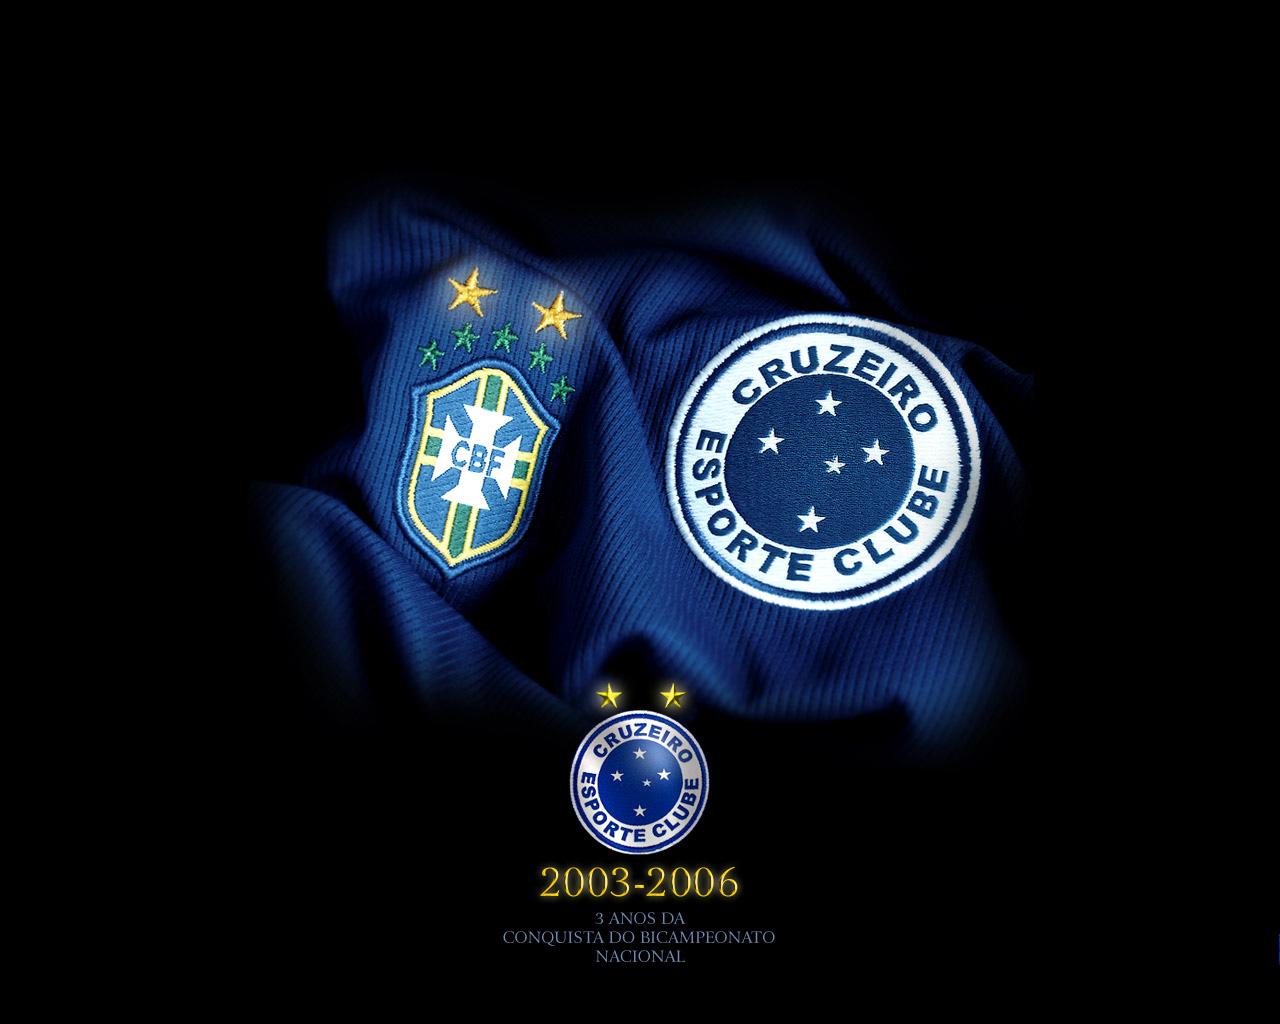 Cruzeiro Esporte Clube Wallpapers 6c1dea024e1e9